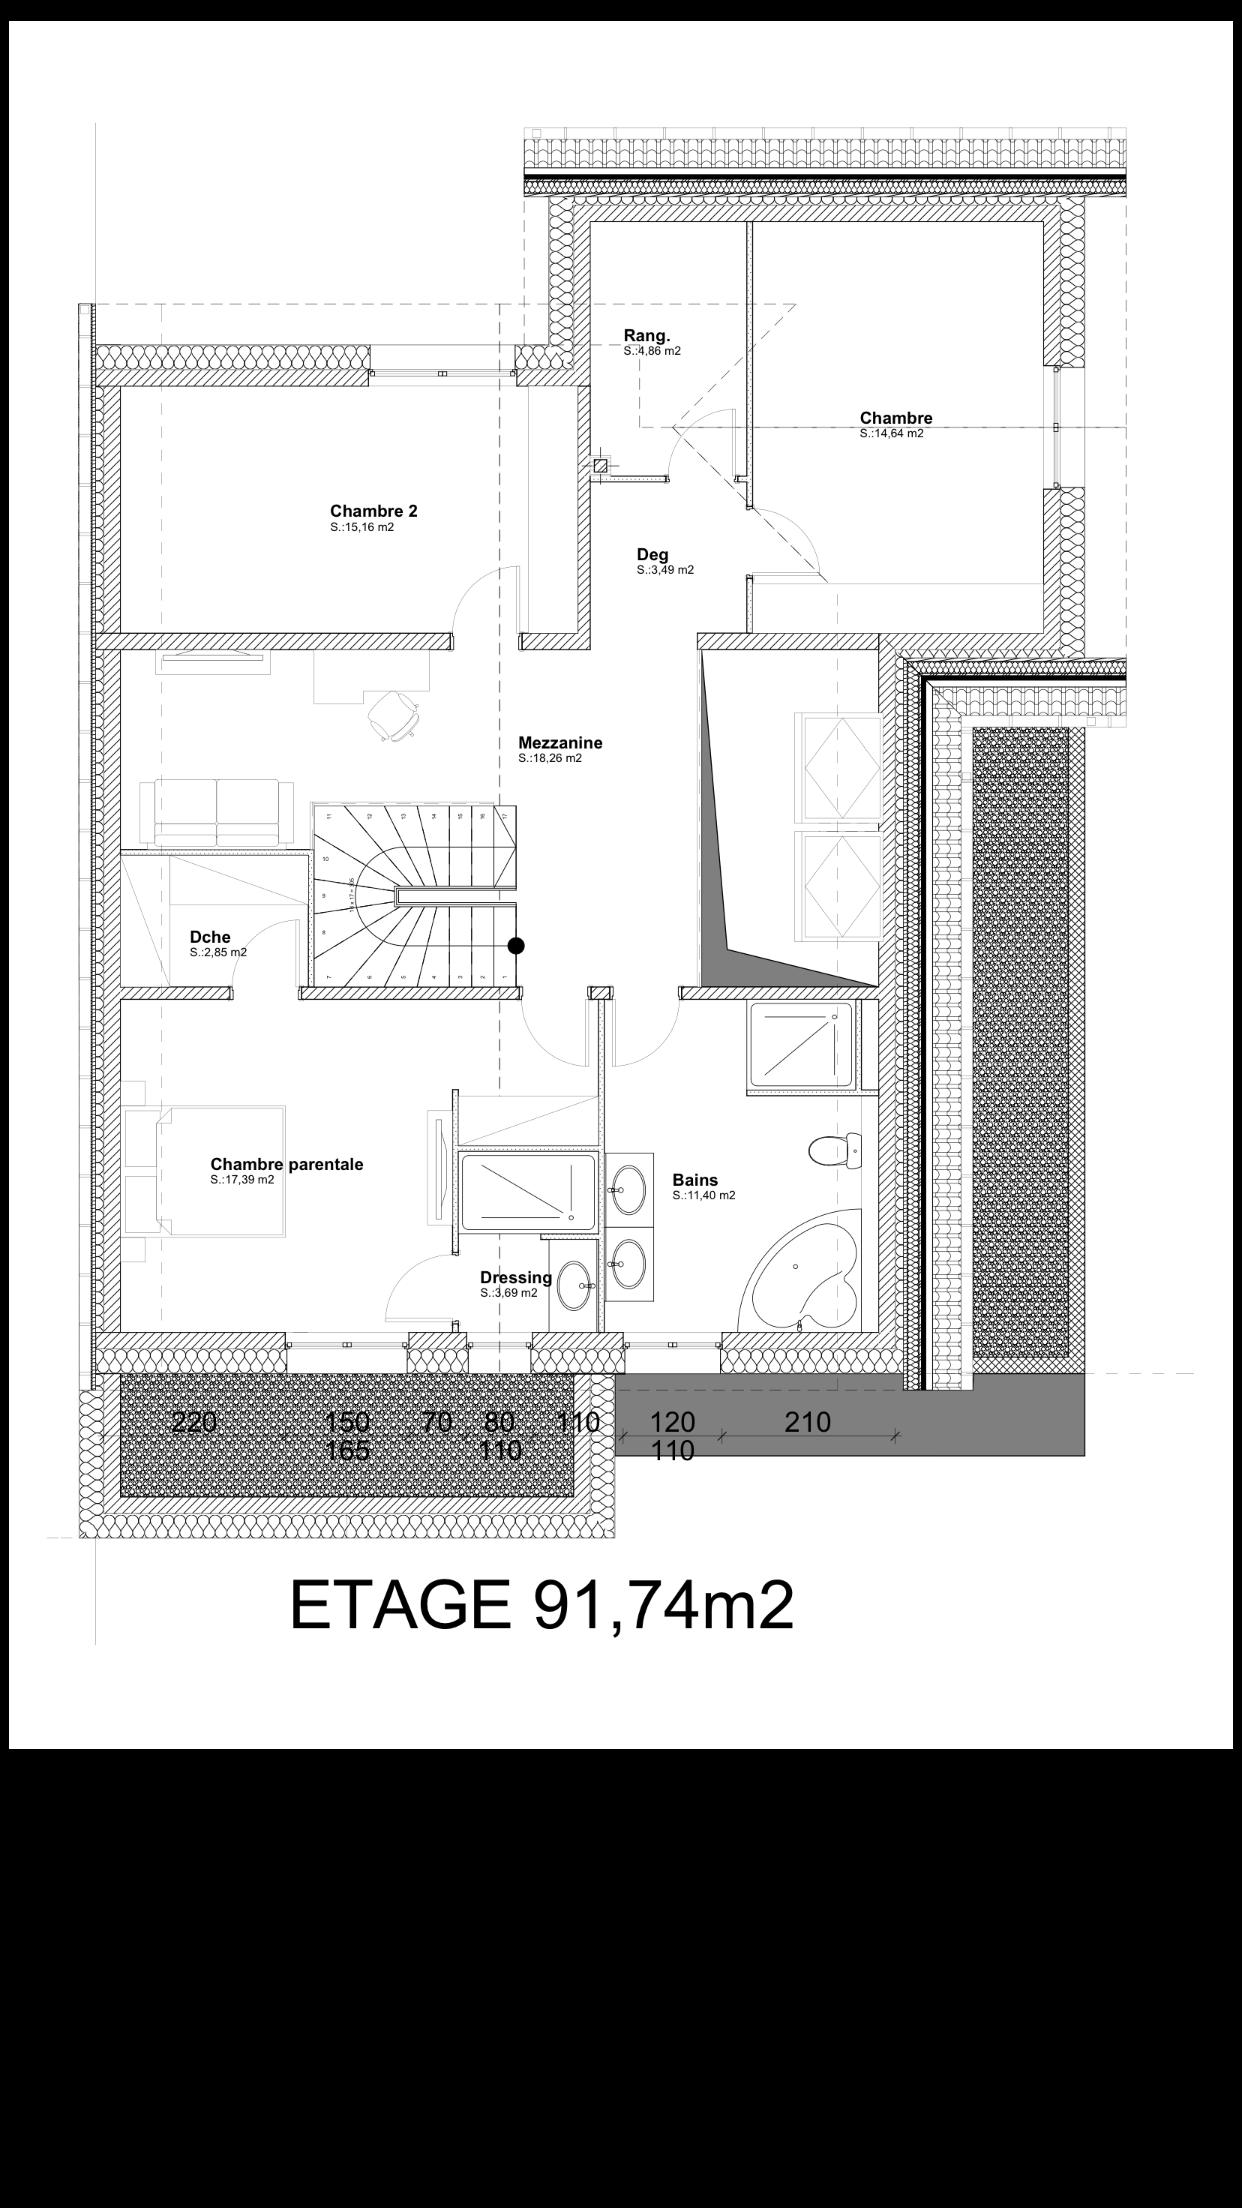 construire une maison de 200m2 construire sa maison en. Black Bedroom Furniture Sets. Home Design Ideas